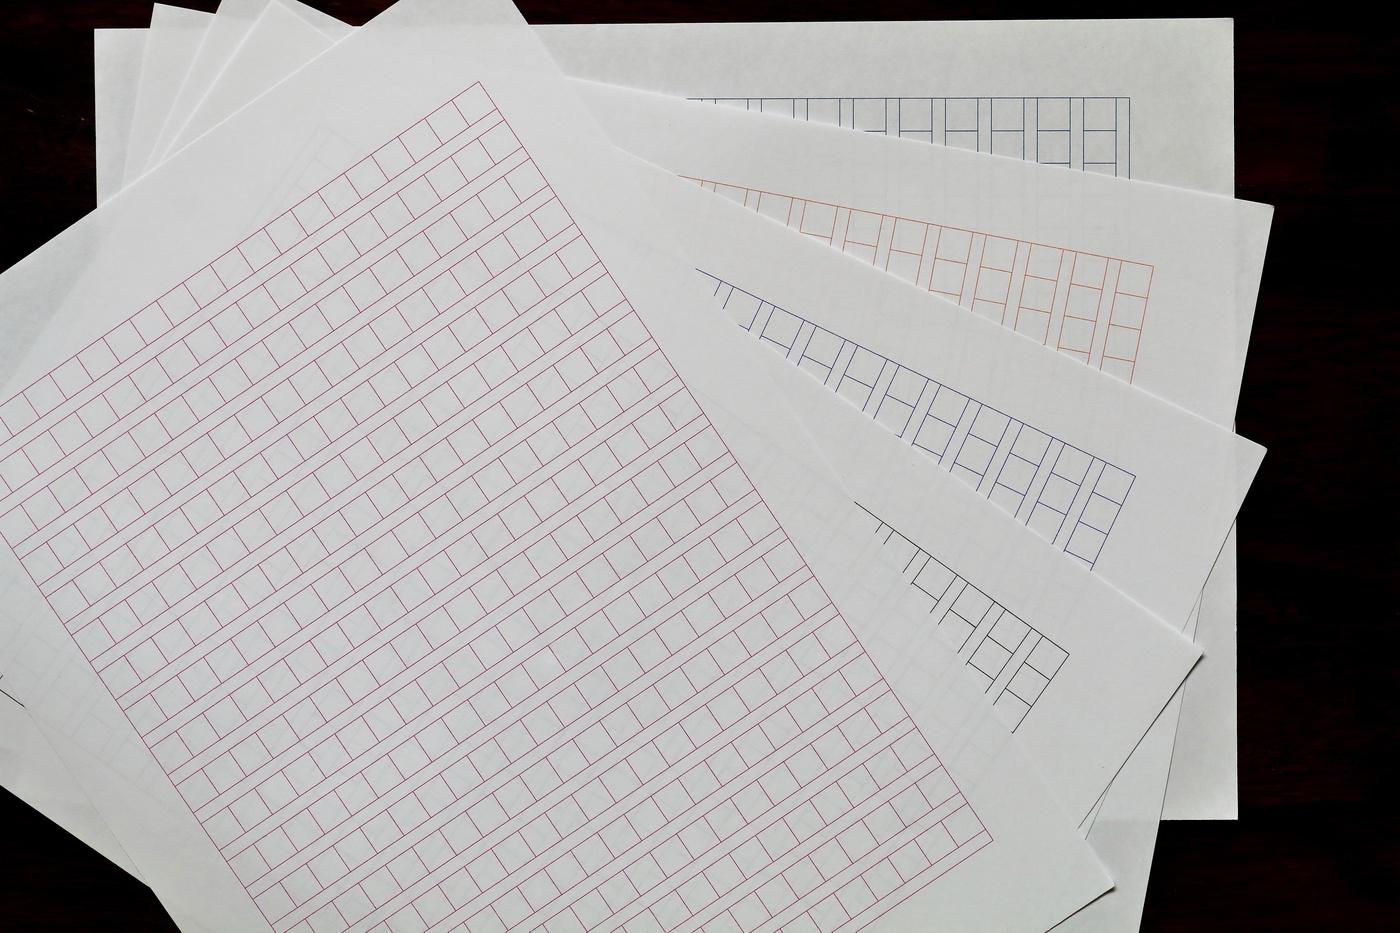 原稿 用紙 文字数